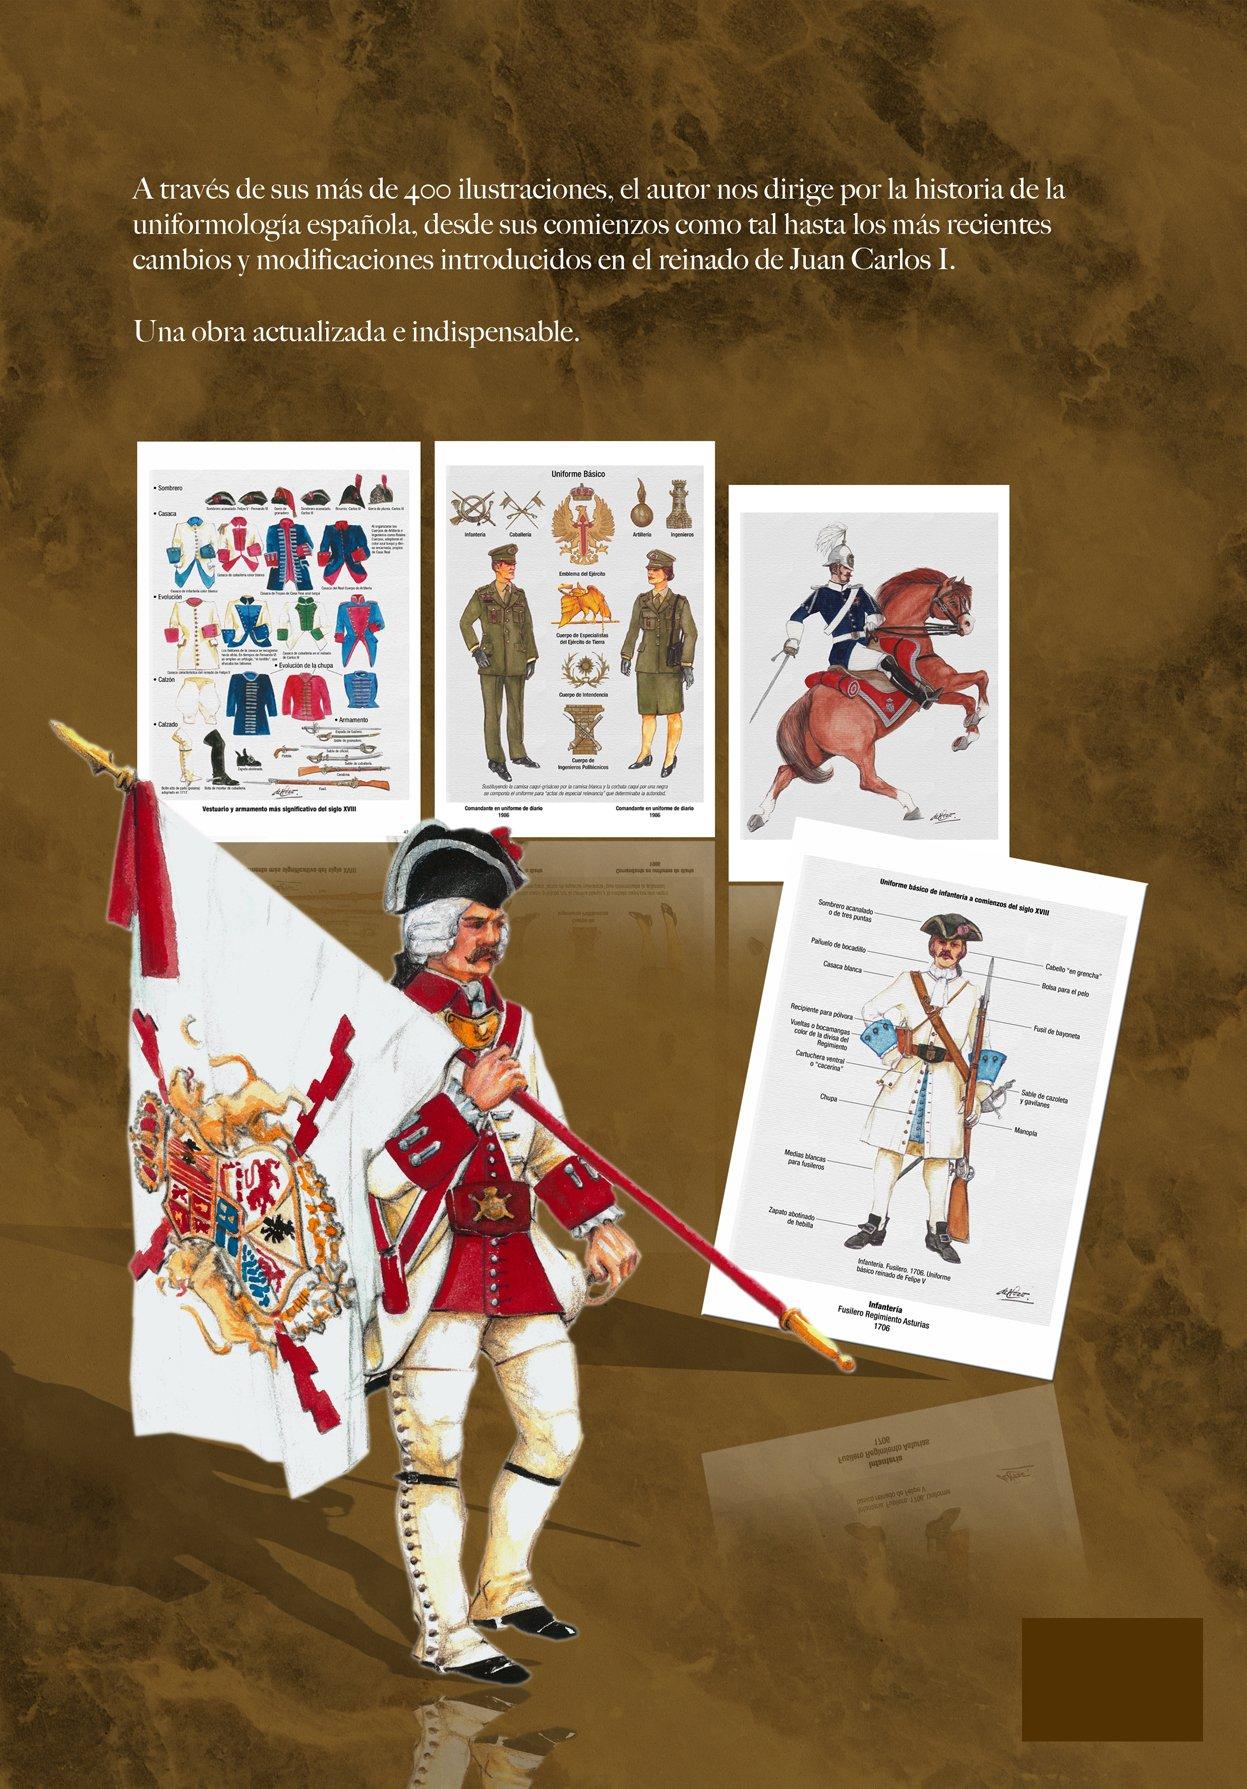 El ejrcito espaol su organizacin y sus uniformes en cinco siglos el ejrcito espaol su organizacin y sus uniformes en cinco siglos de historia amazon pedro del pozo palazn libros fandeluxe Images